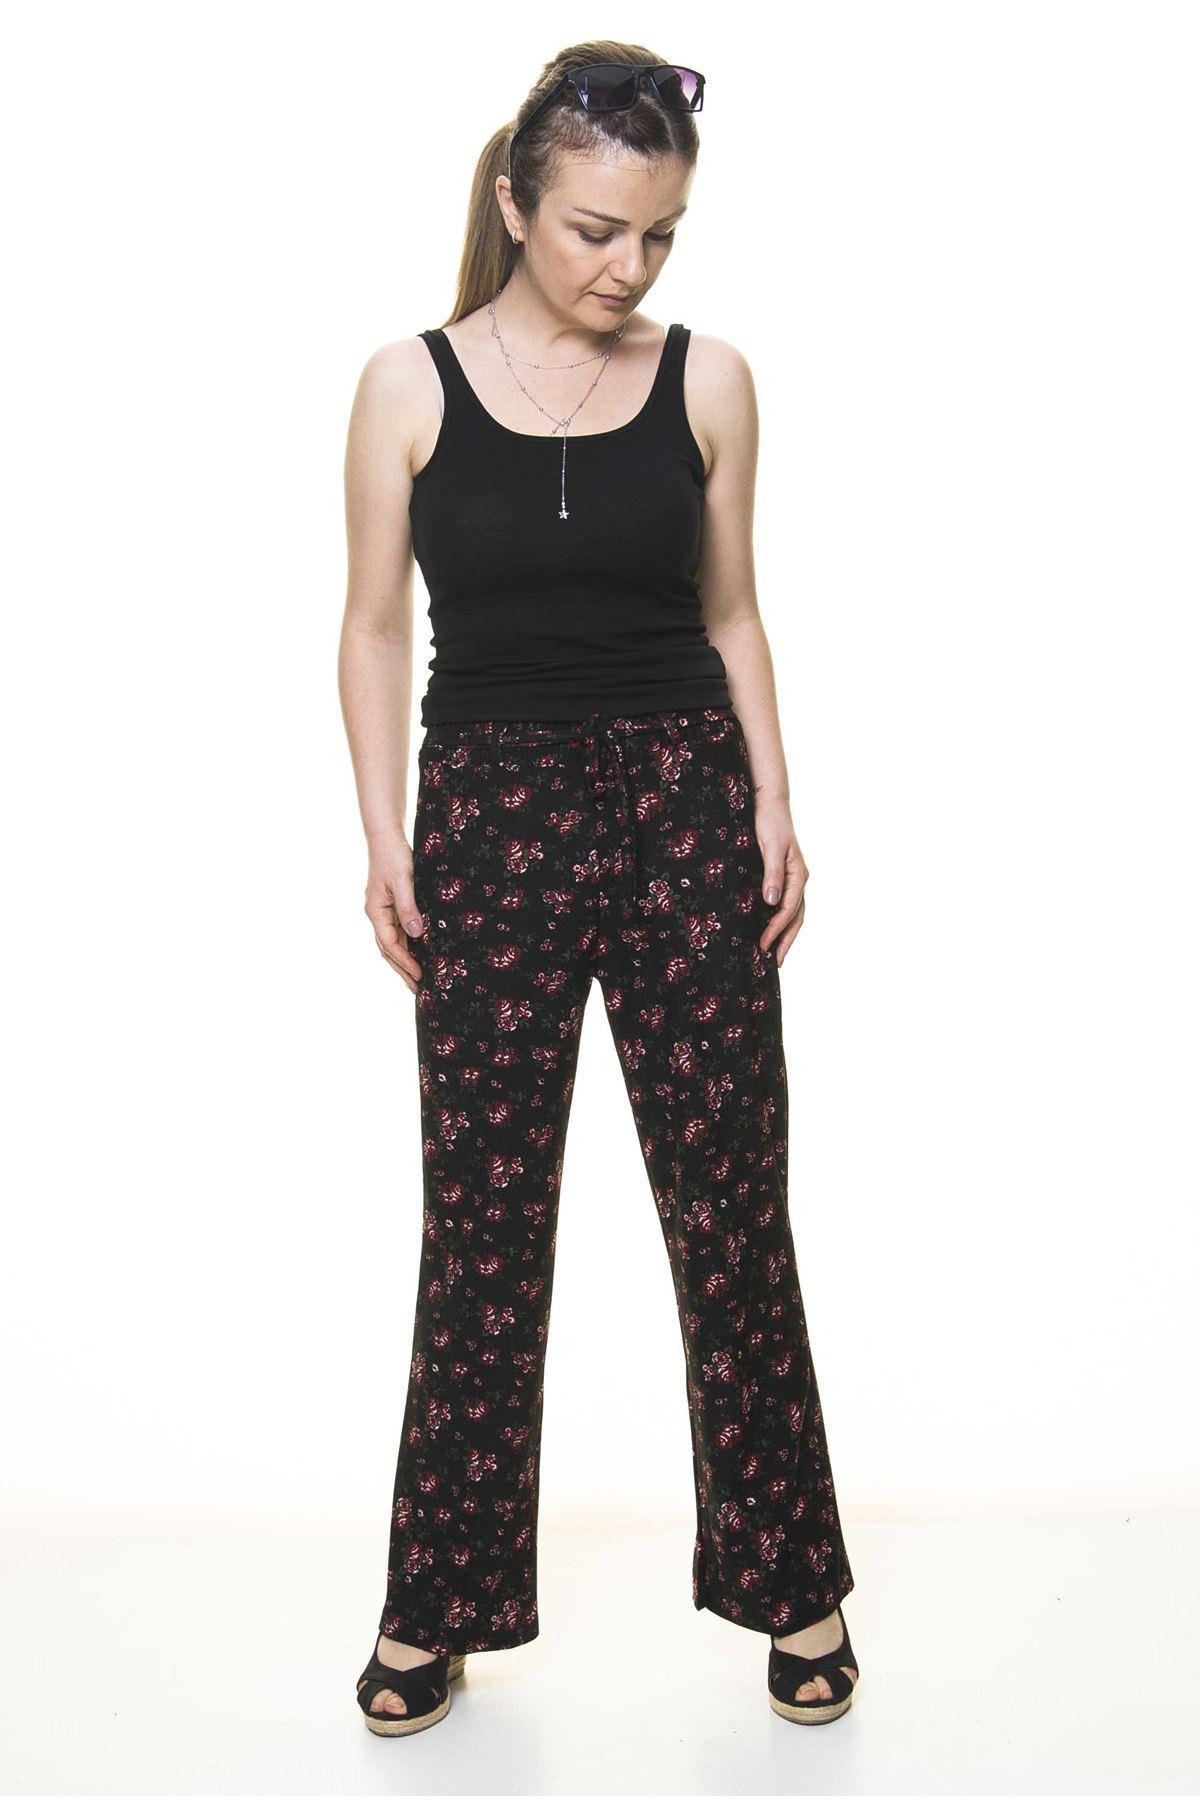 Kadın Beli Lastikli Çiçek Desenli Pantolon 10E-4025